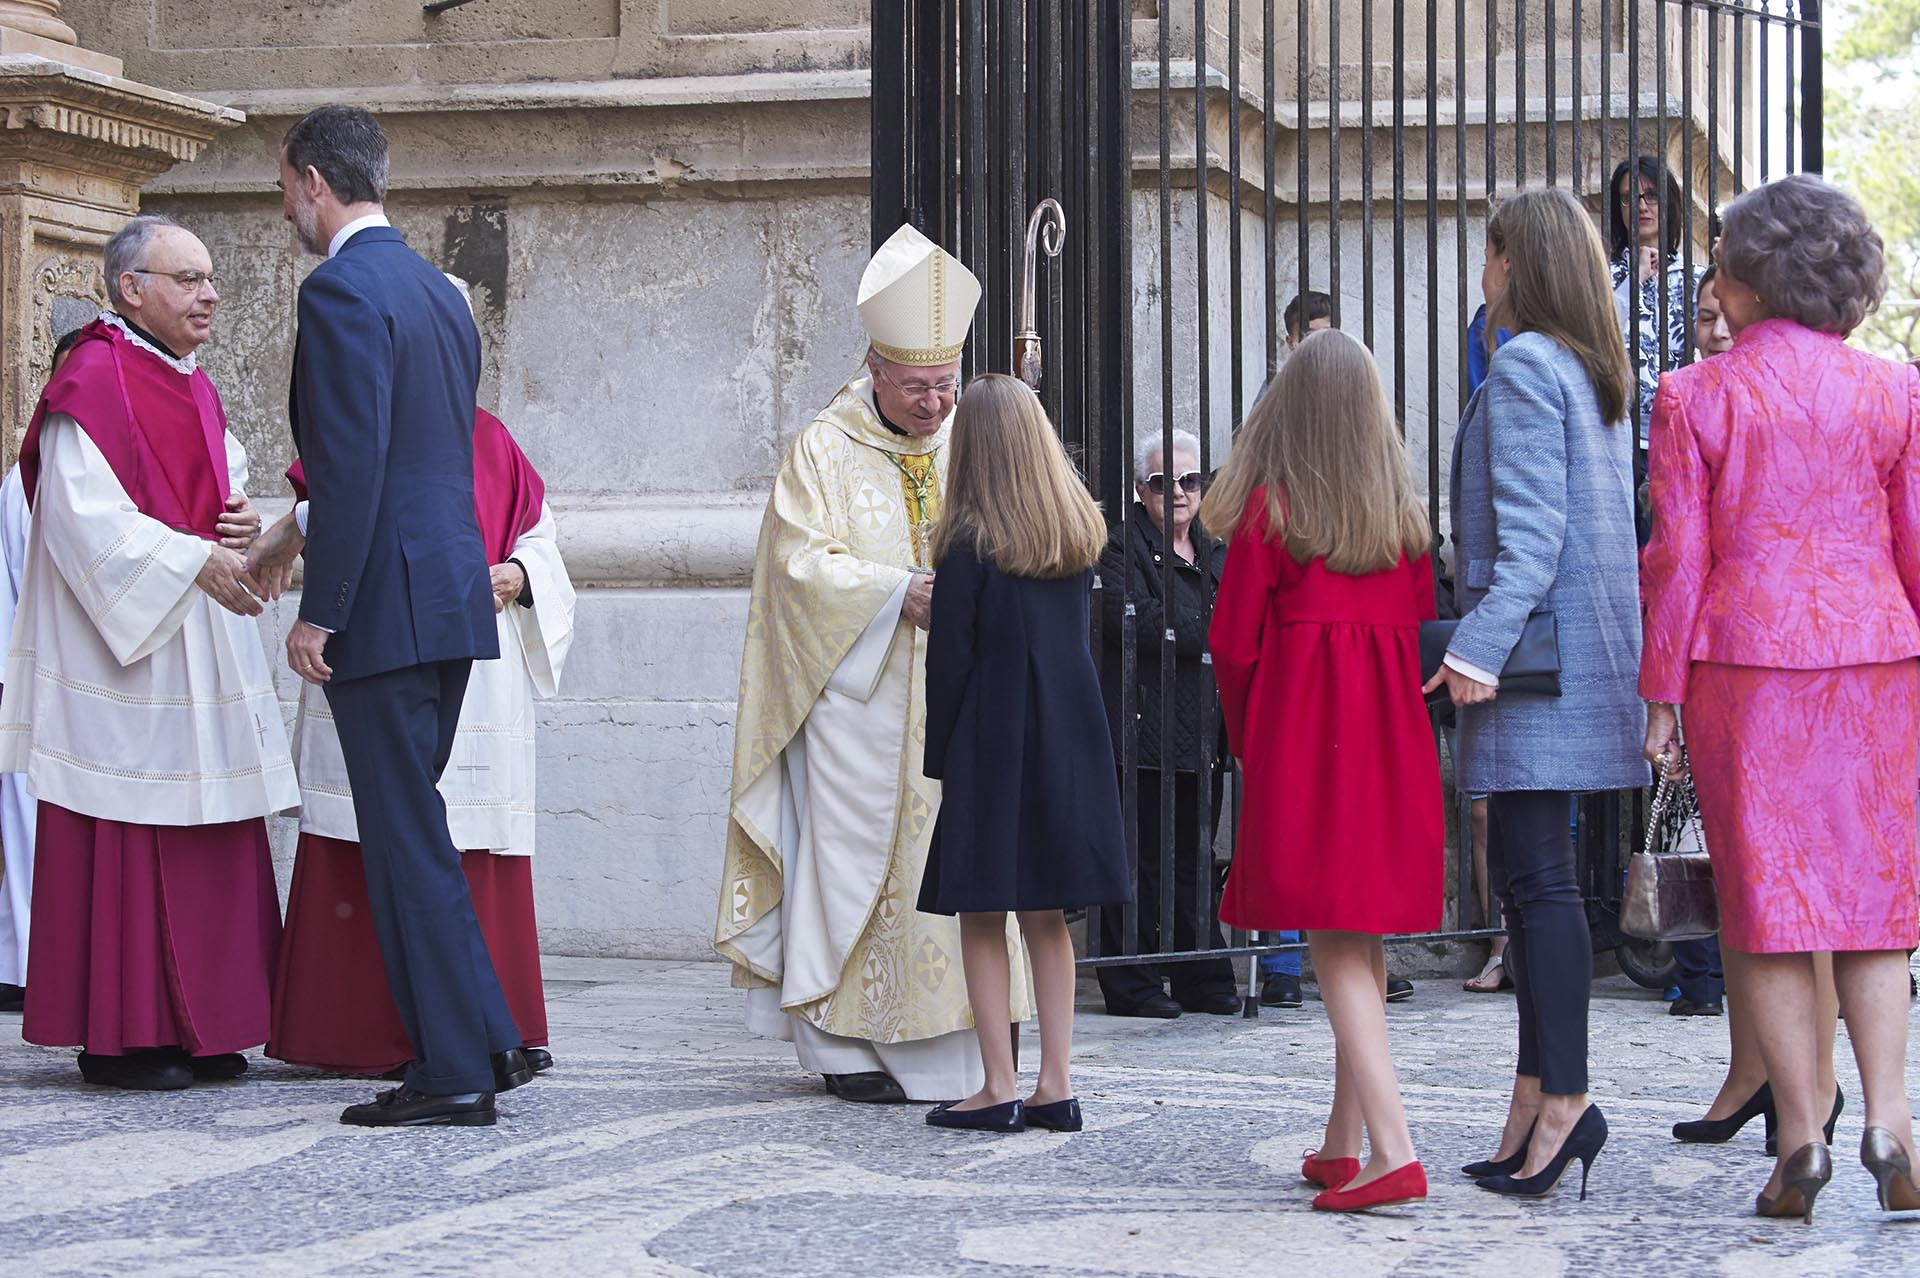 Tras las fotos y los saludos, el rey Felipe entró a la misa en compañía de su familia: su esposa Letizia, su madre Sofía y sus dos hijas, Leonor y Sofía